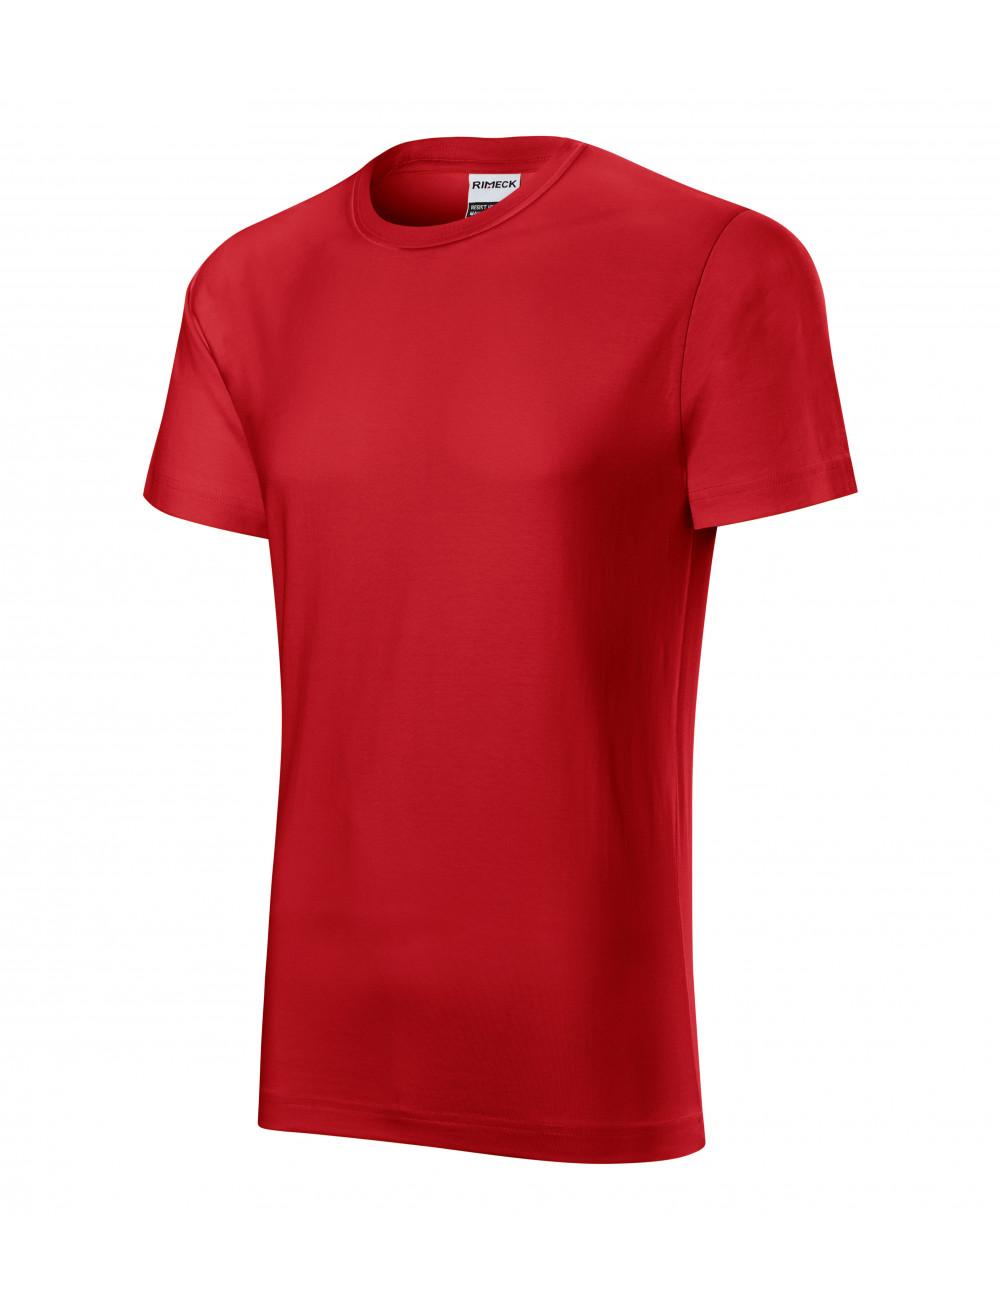 Adler RIMECK Koszulka męska Resist R01 czerwony